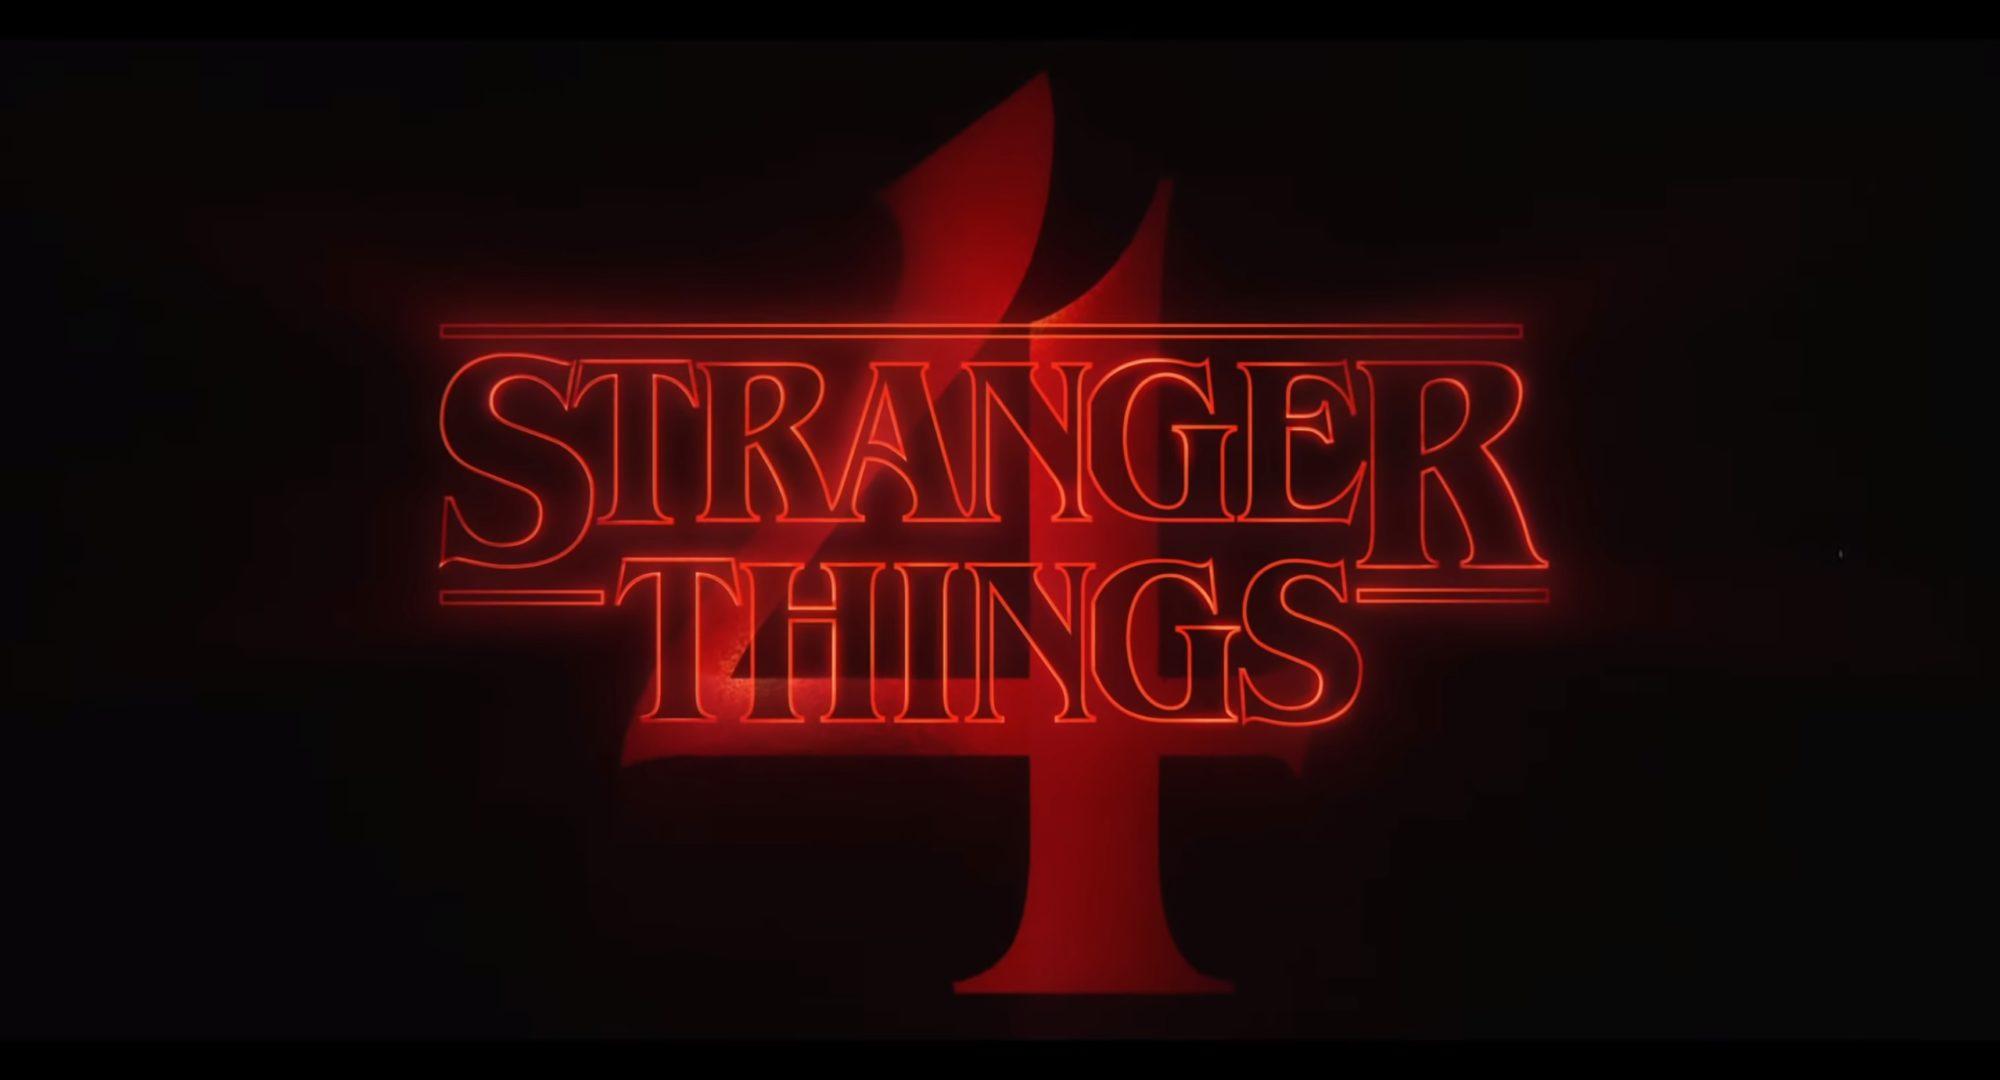 Stranger Things, negyedik évad: minden eddiginél jobb sztorit kapunk